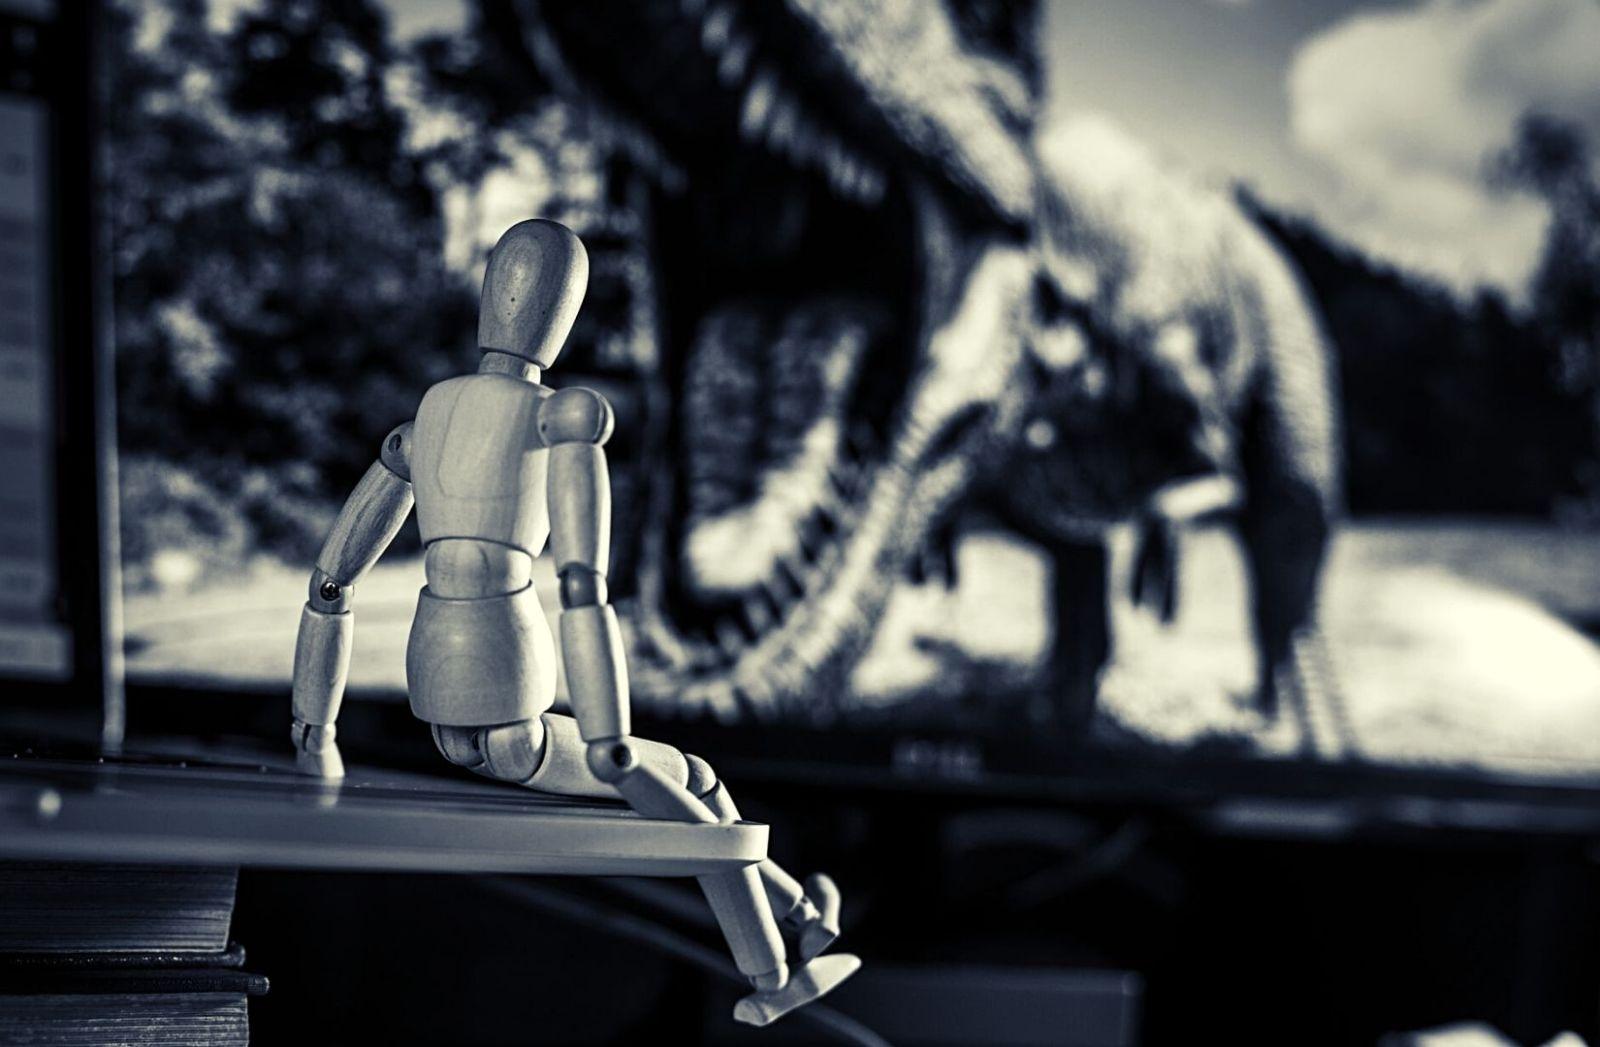 Entertainment mit Dinosaurier und TV. (Foto: Charl Folscher, Unsplash.com)